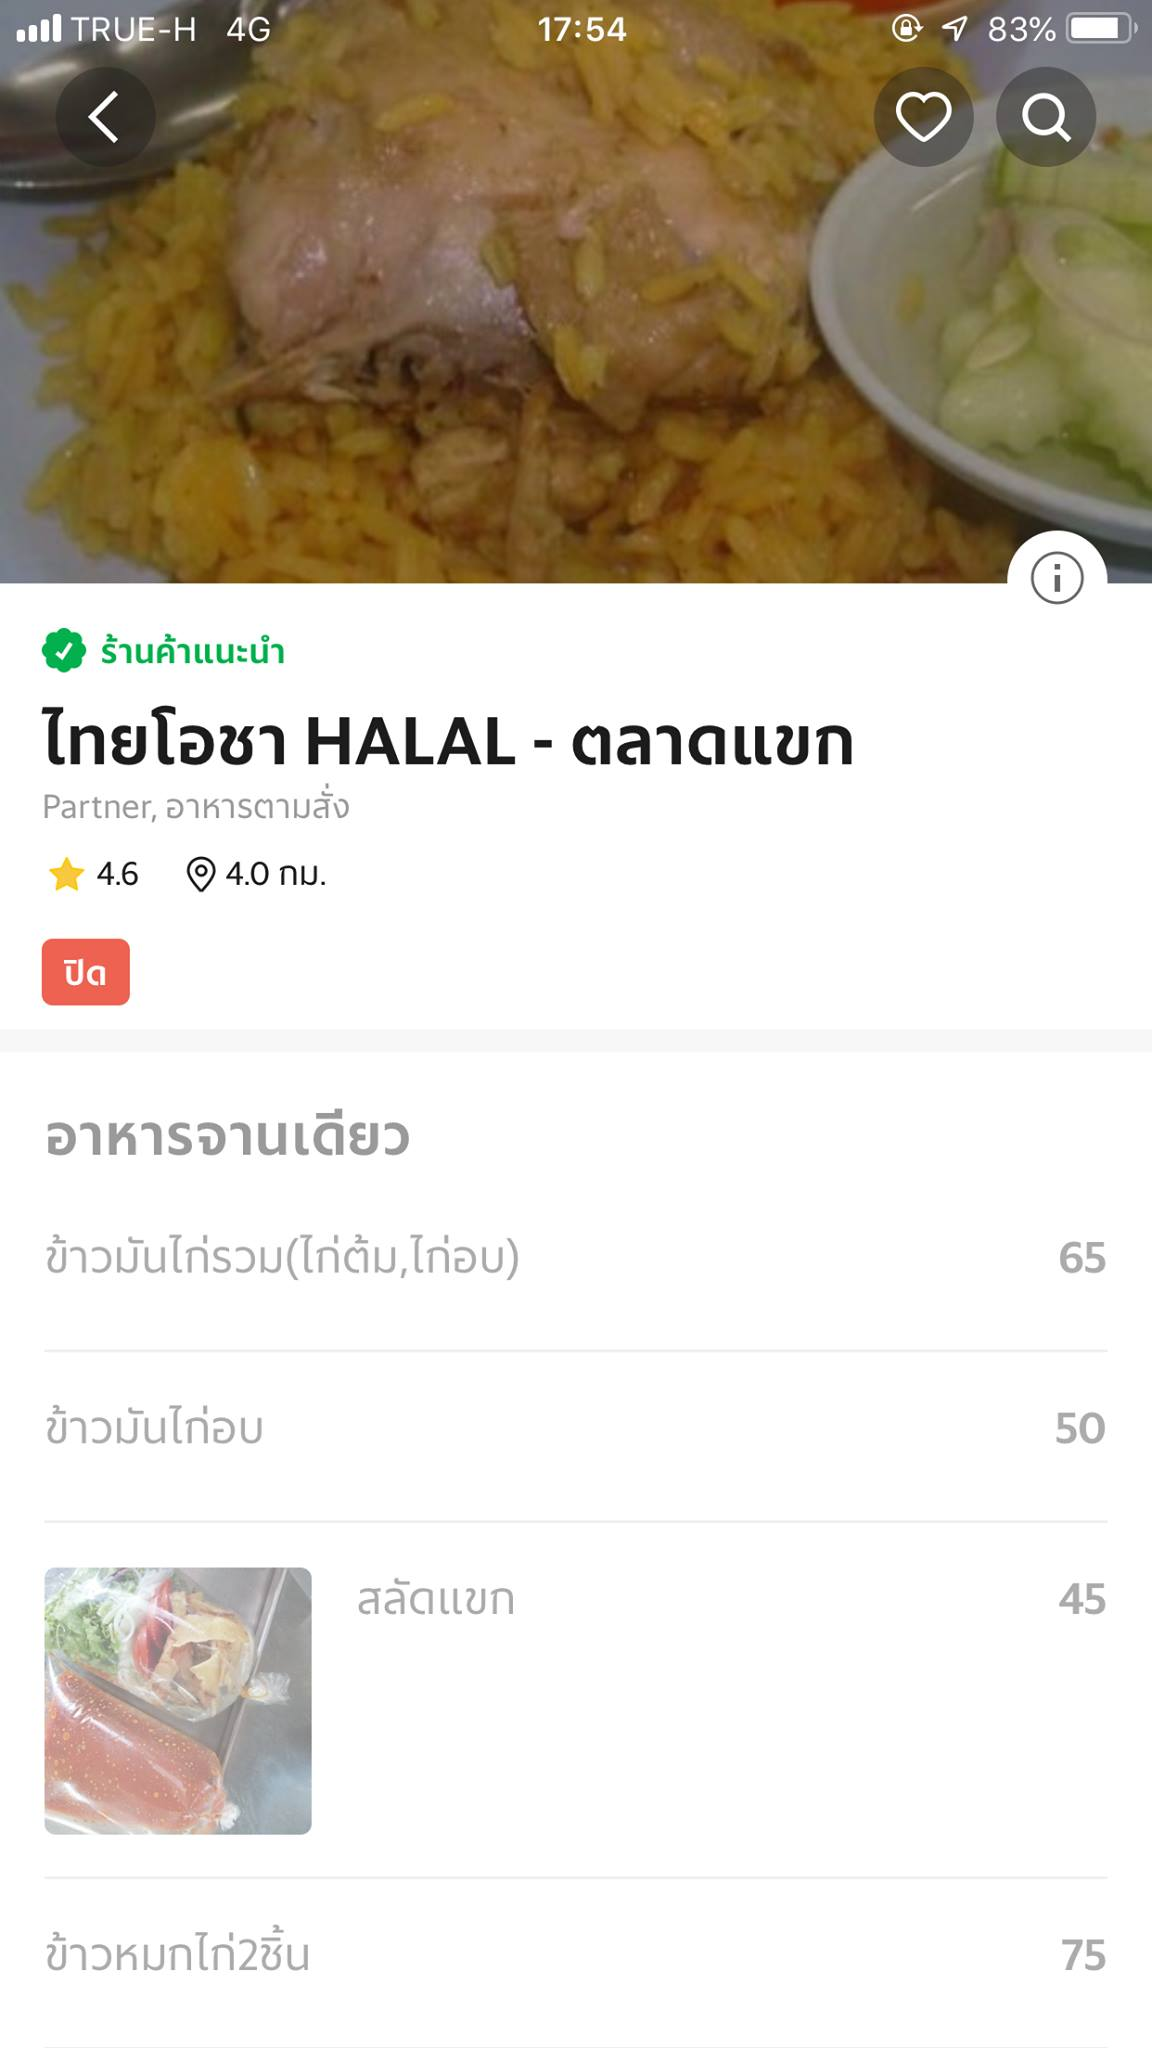 4. ข้าวหมกไทยโอชา อันนี้ 10/10 จัดว่าเป็นข้าวหมกที่อร่อยที่สุดเคยกินมาาา ฮ่าาgrabfood,อร่อย,ของกิน,นครศรี,Delivery